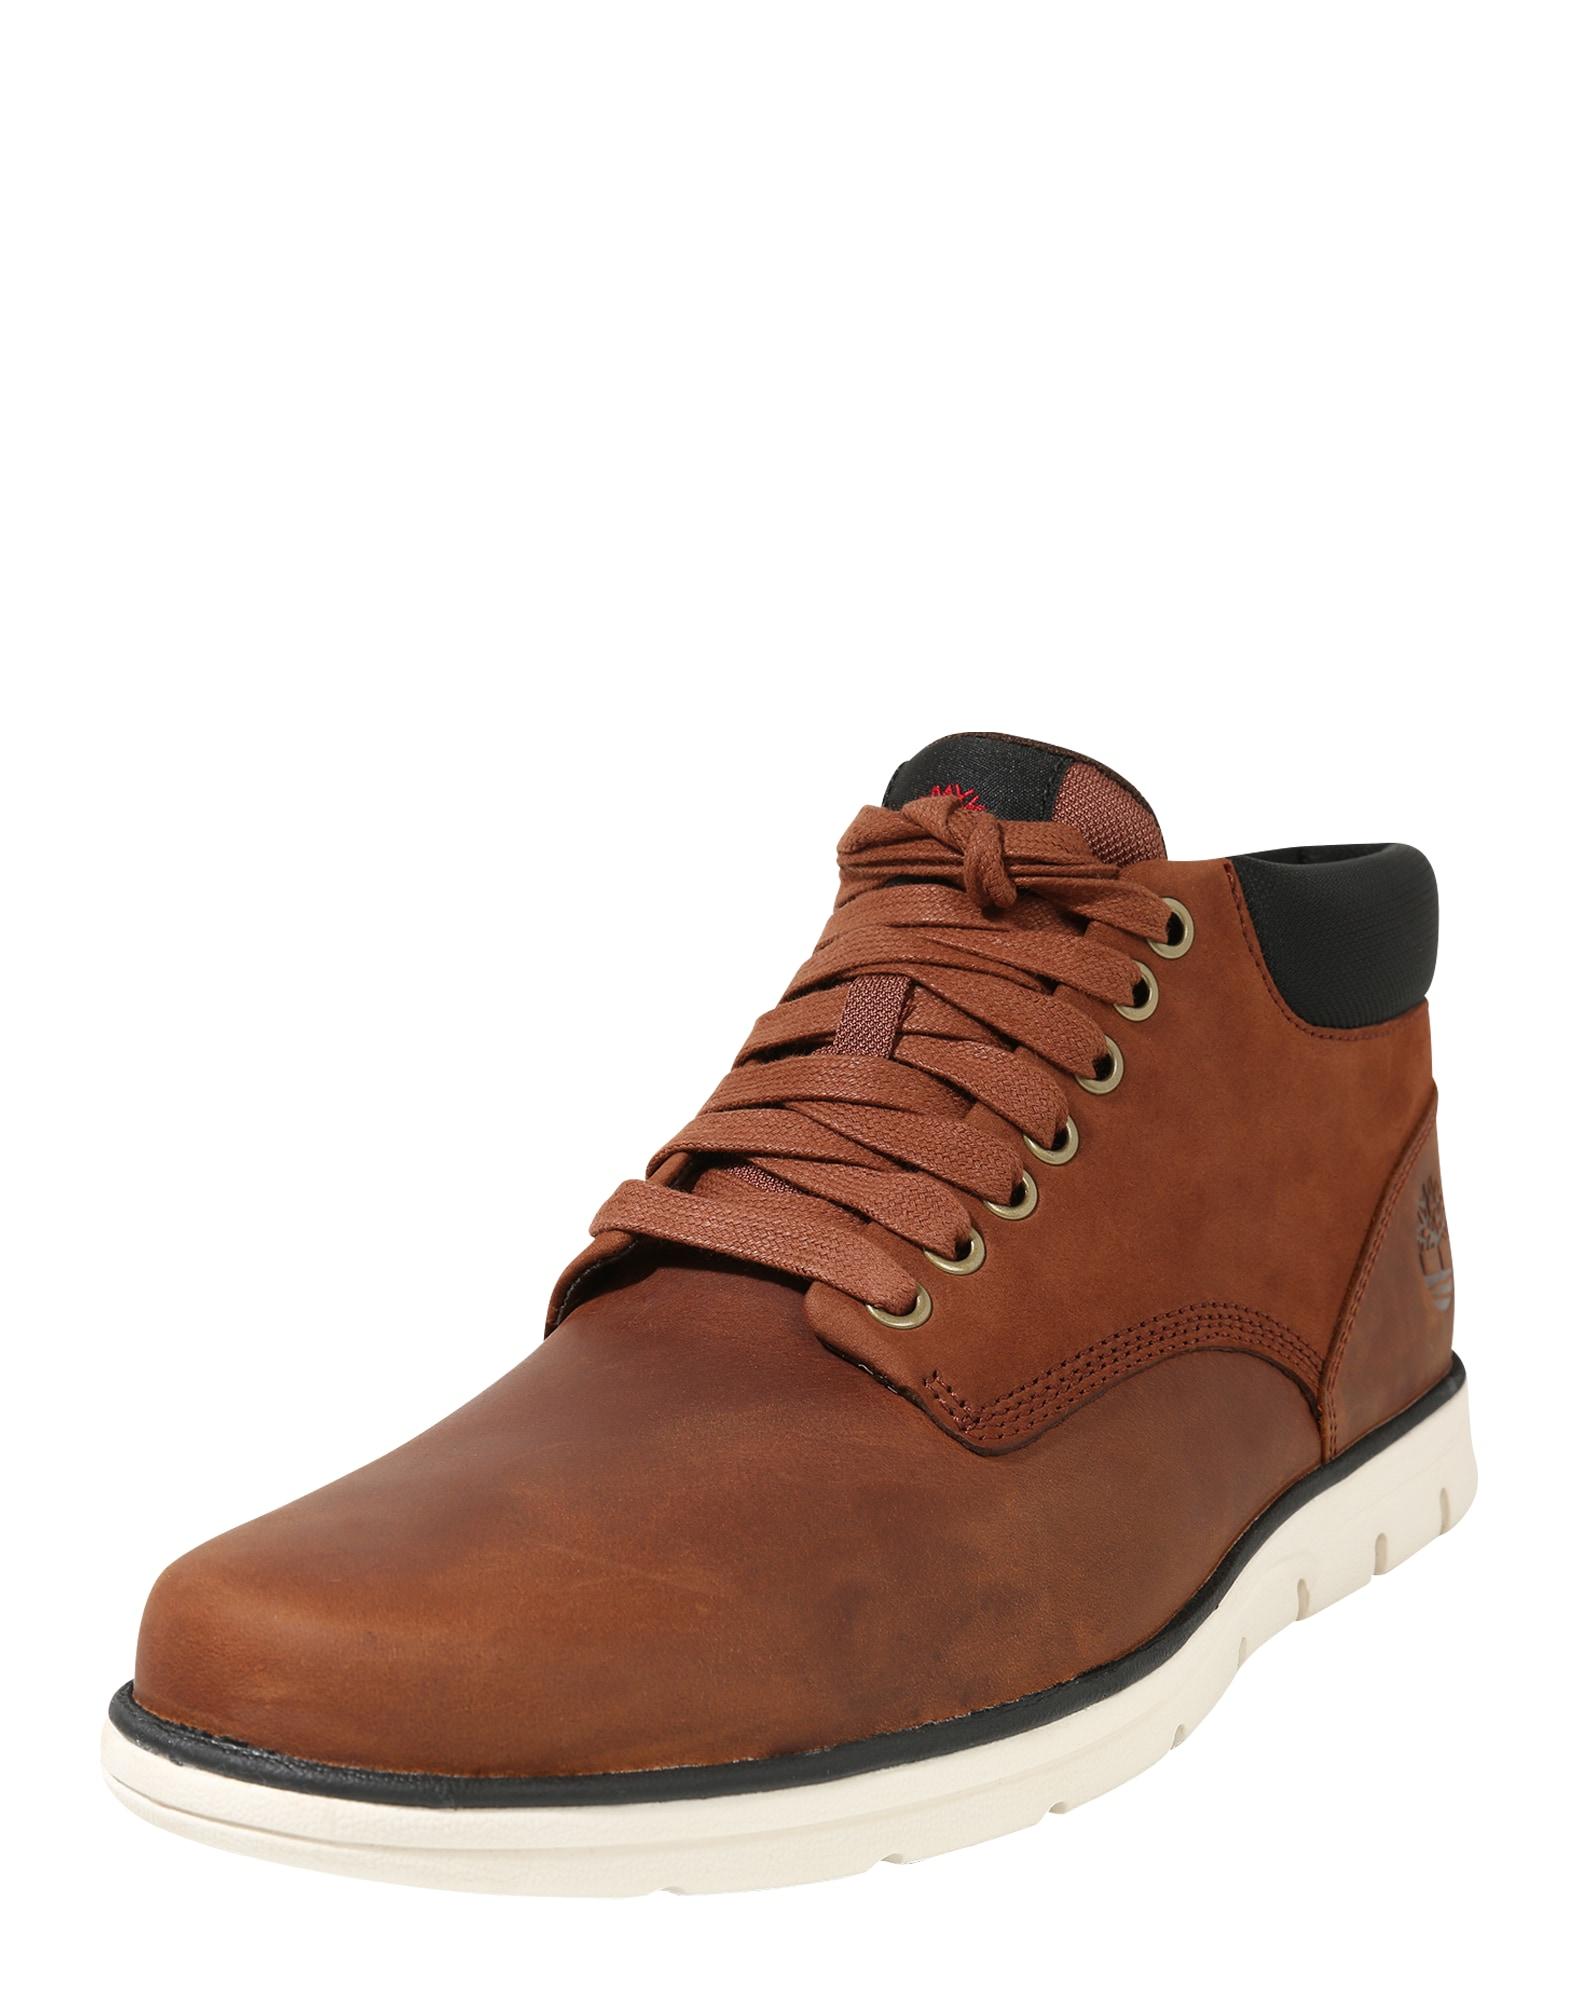 Sportovní šněrovací boty Bradstreet Chukka hnědá TIMBERLAND